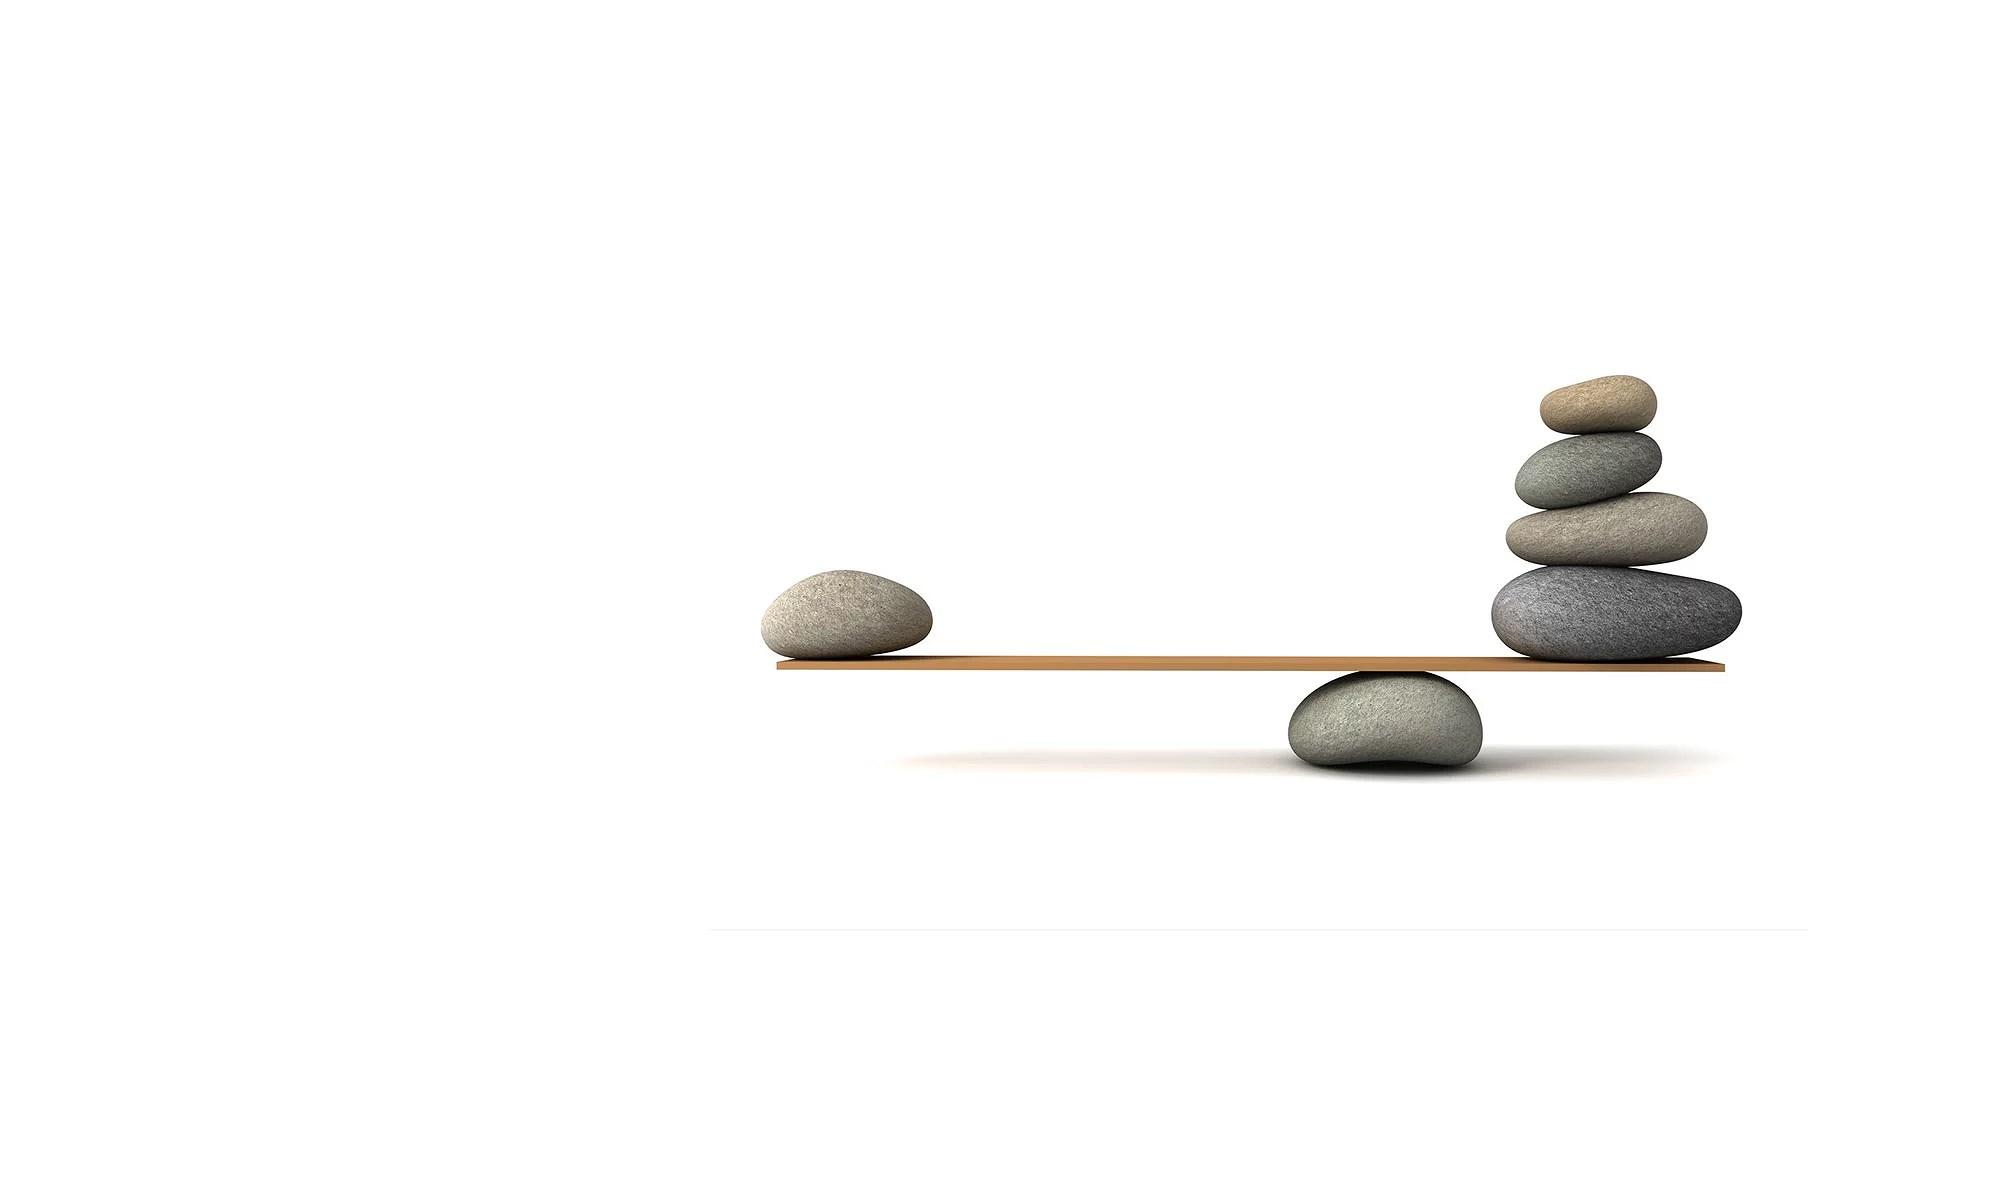 [balansen] i livet är perfekt när…